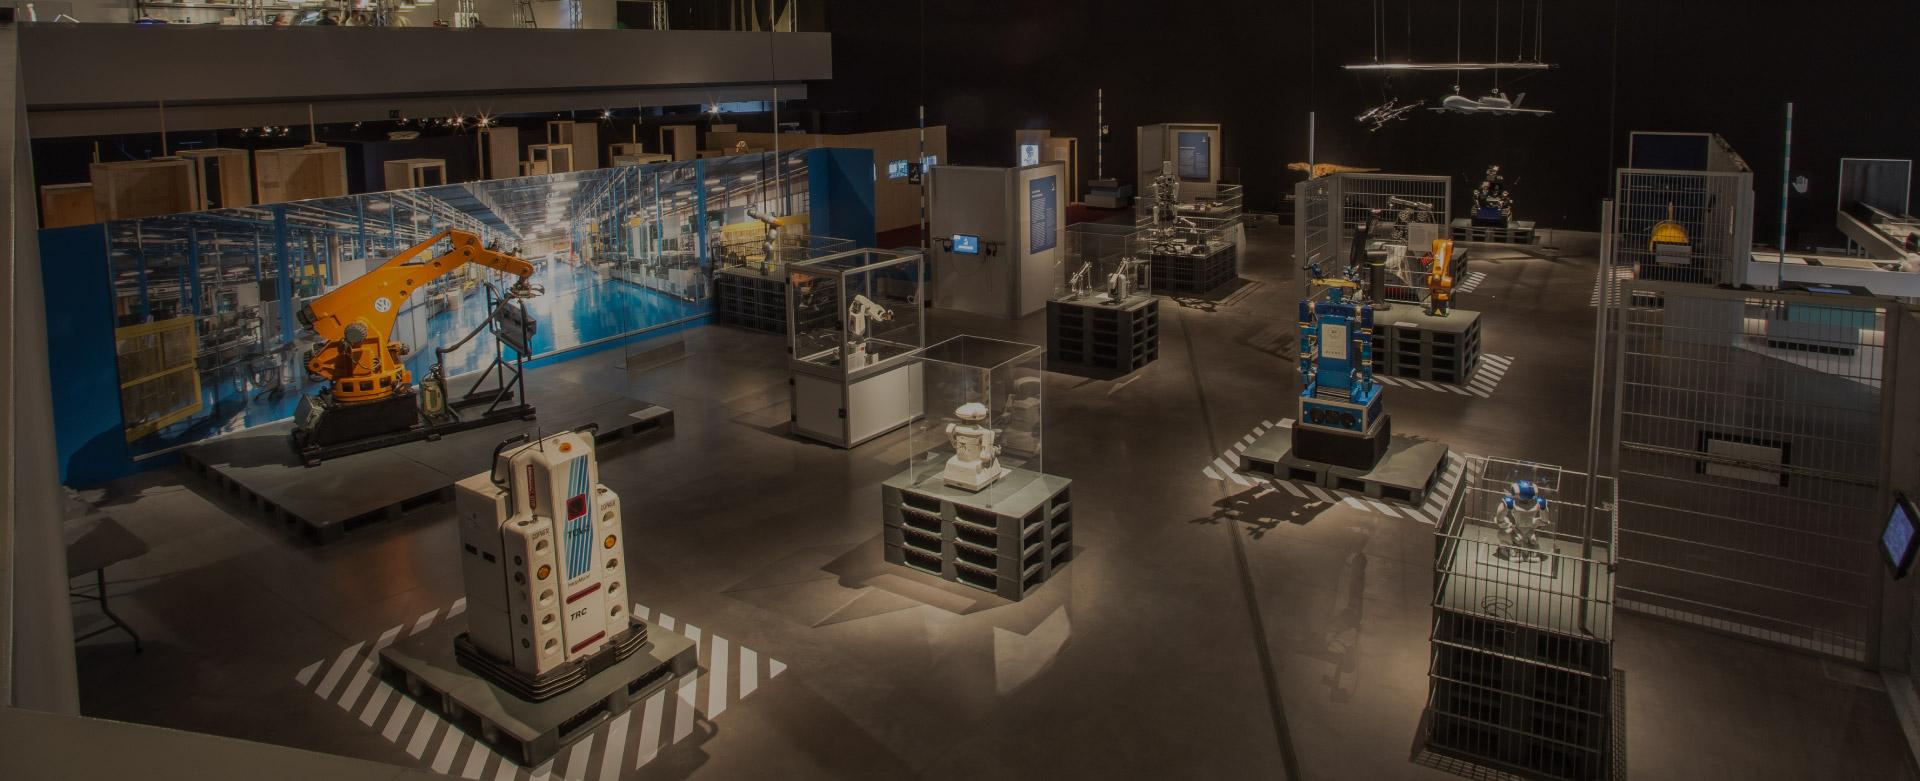 Diseño Editorial Parque de las Ciencias Exposición Robots